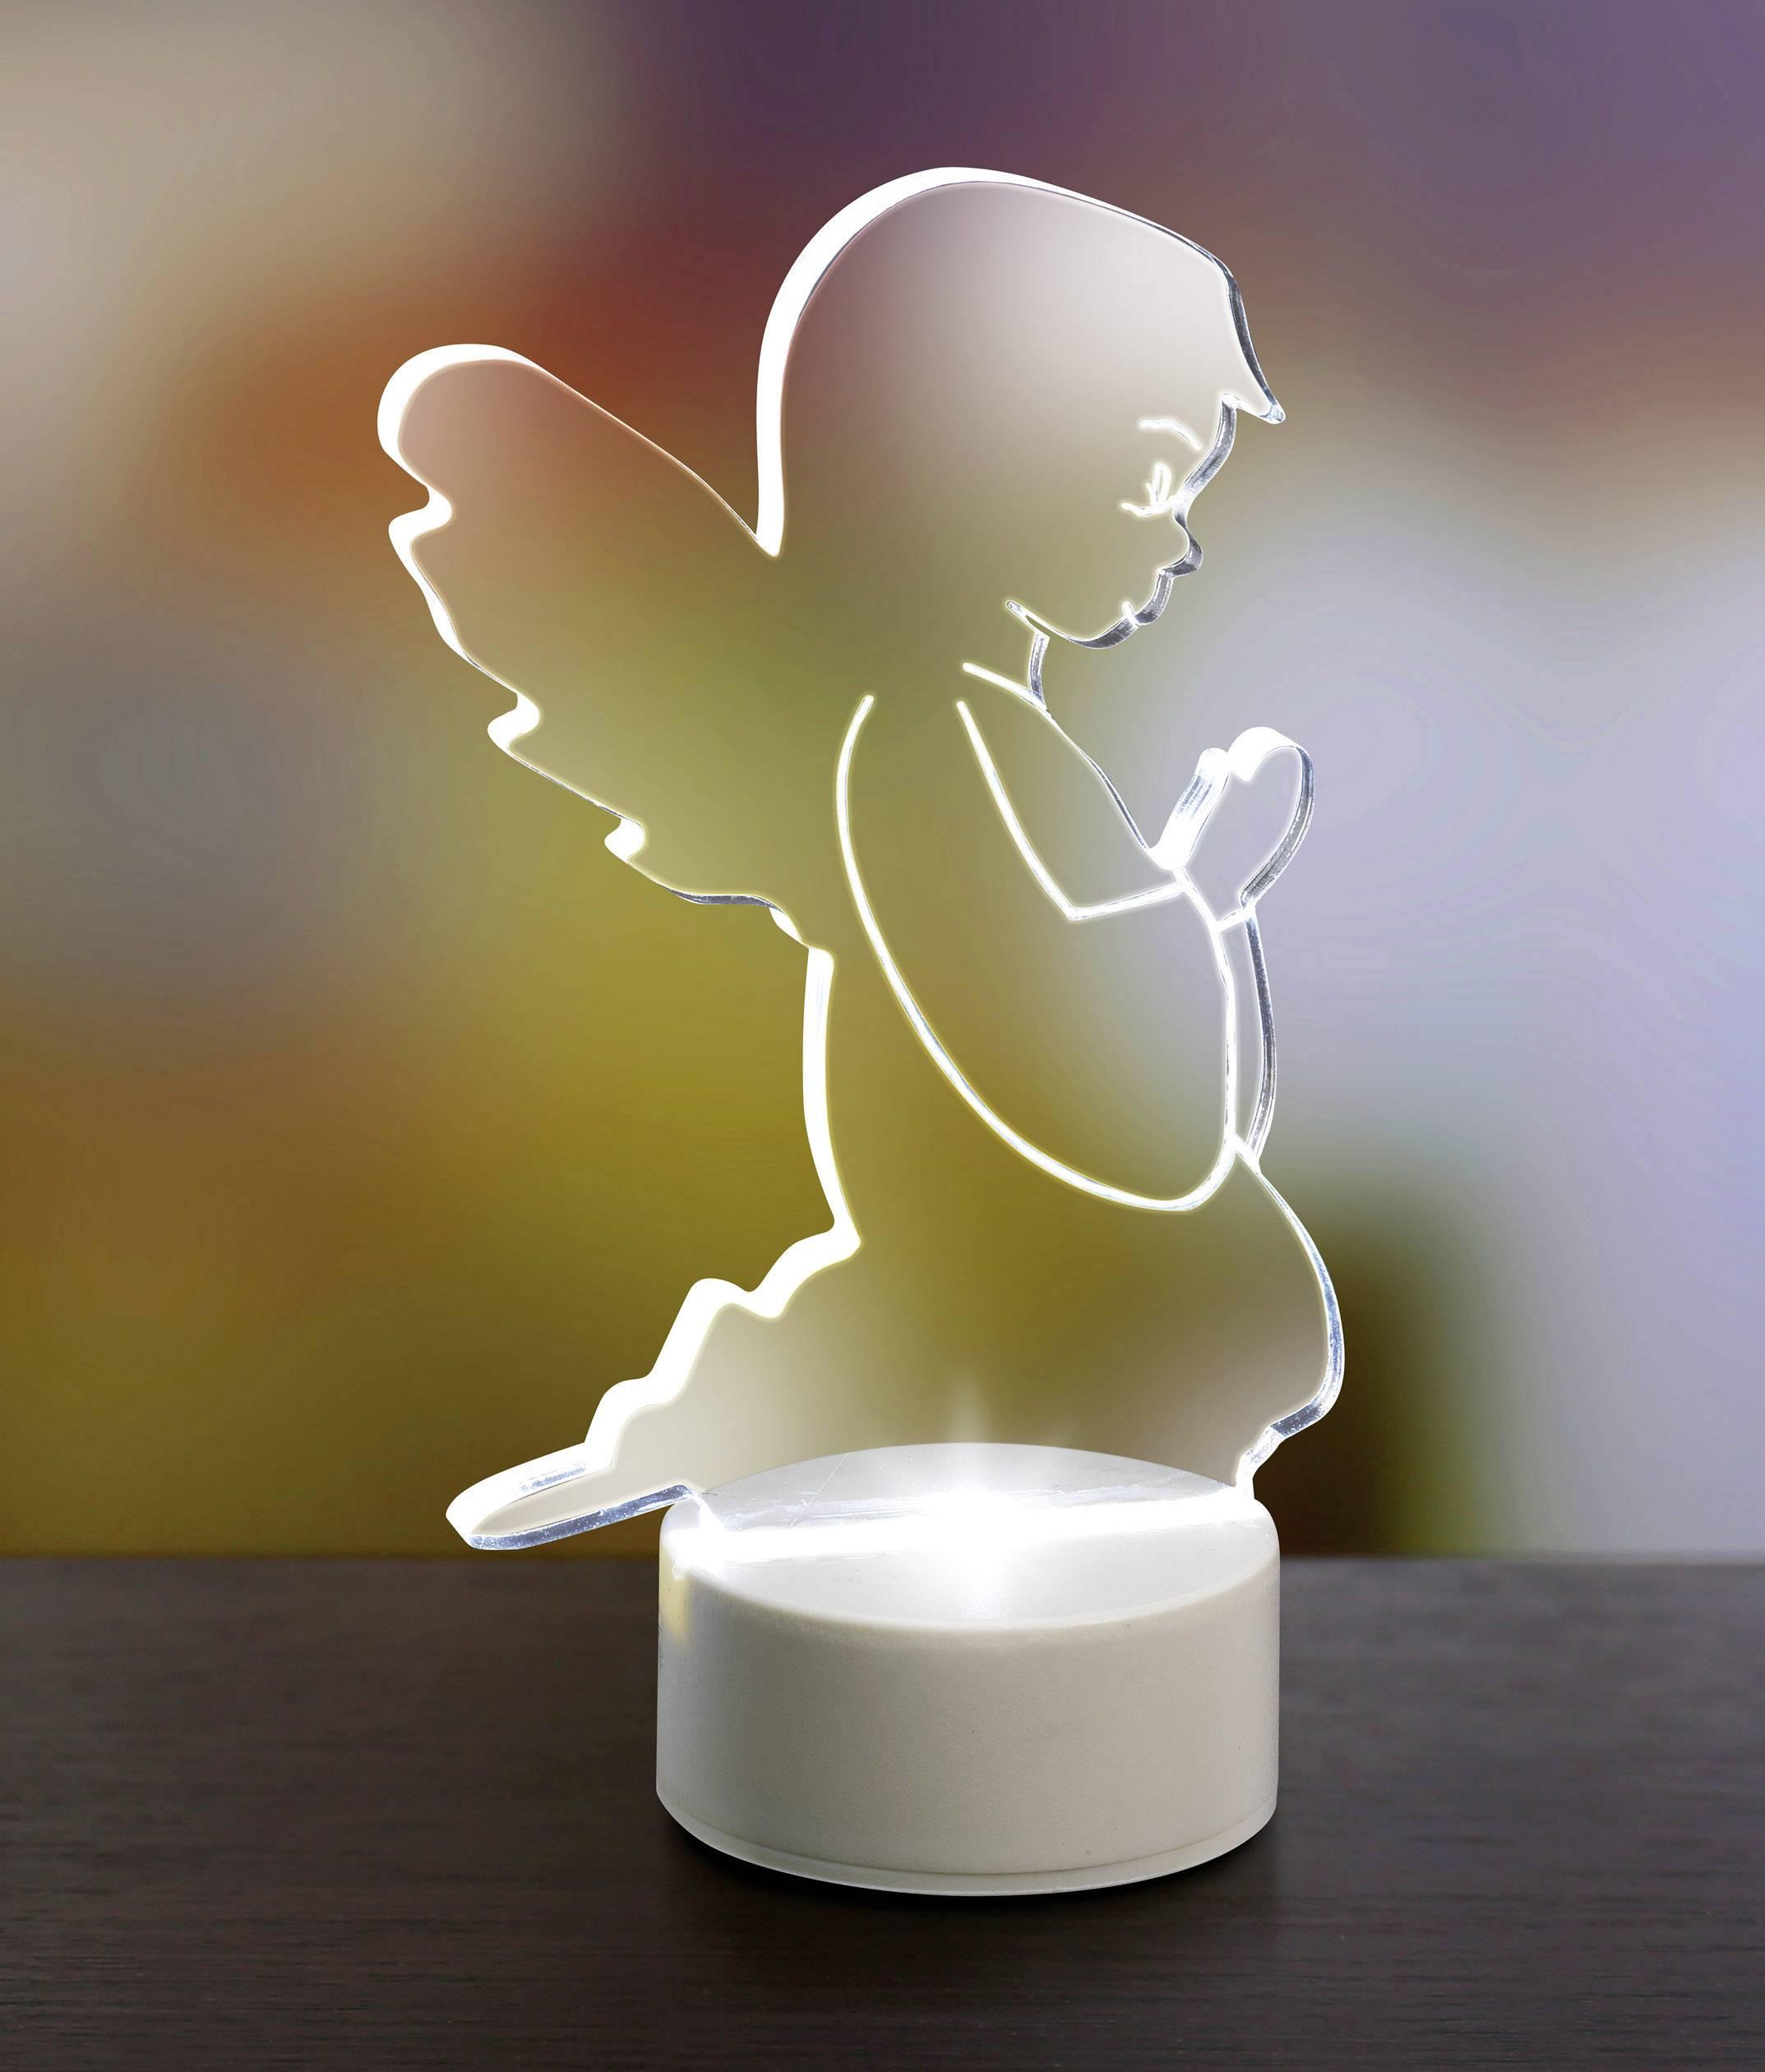 Anjel LED vianočná dekorácia Polarlite LBA-51-010, priehľadná